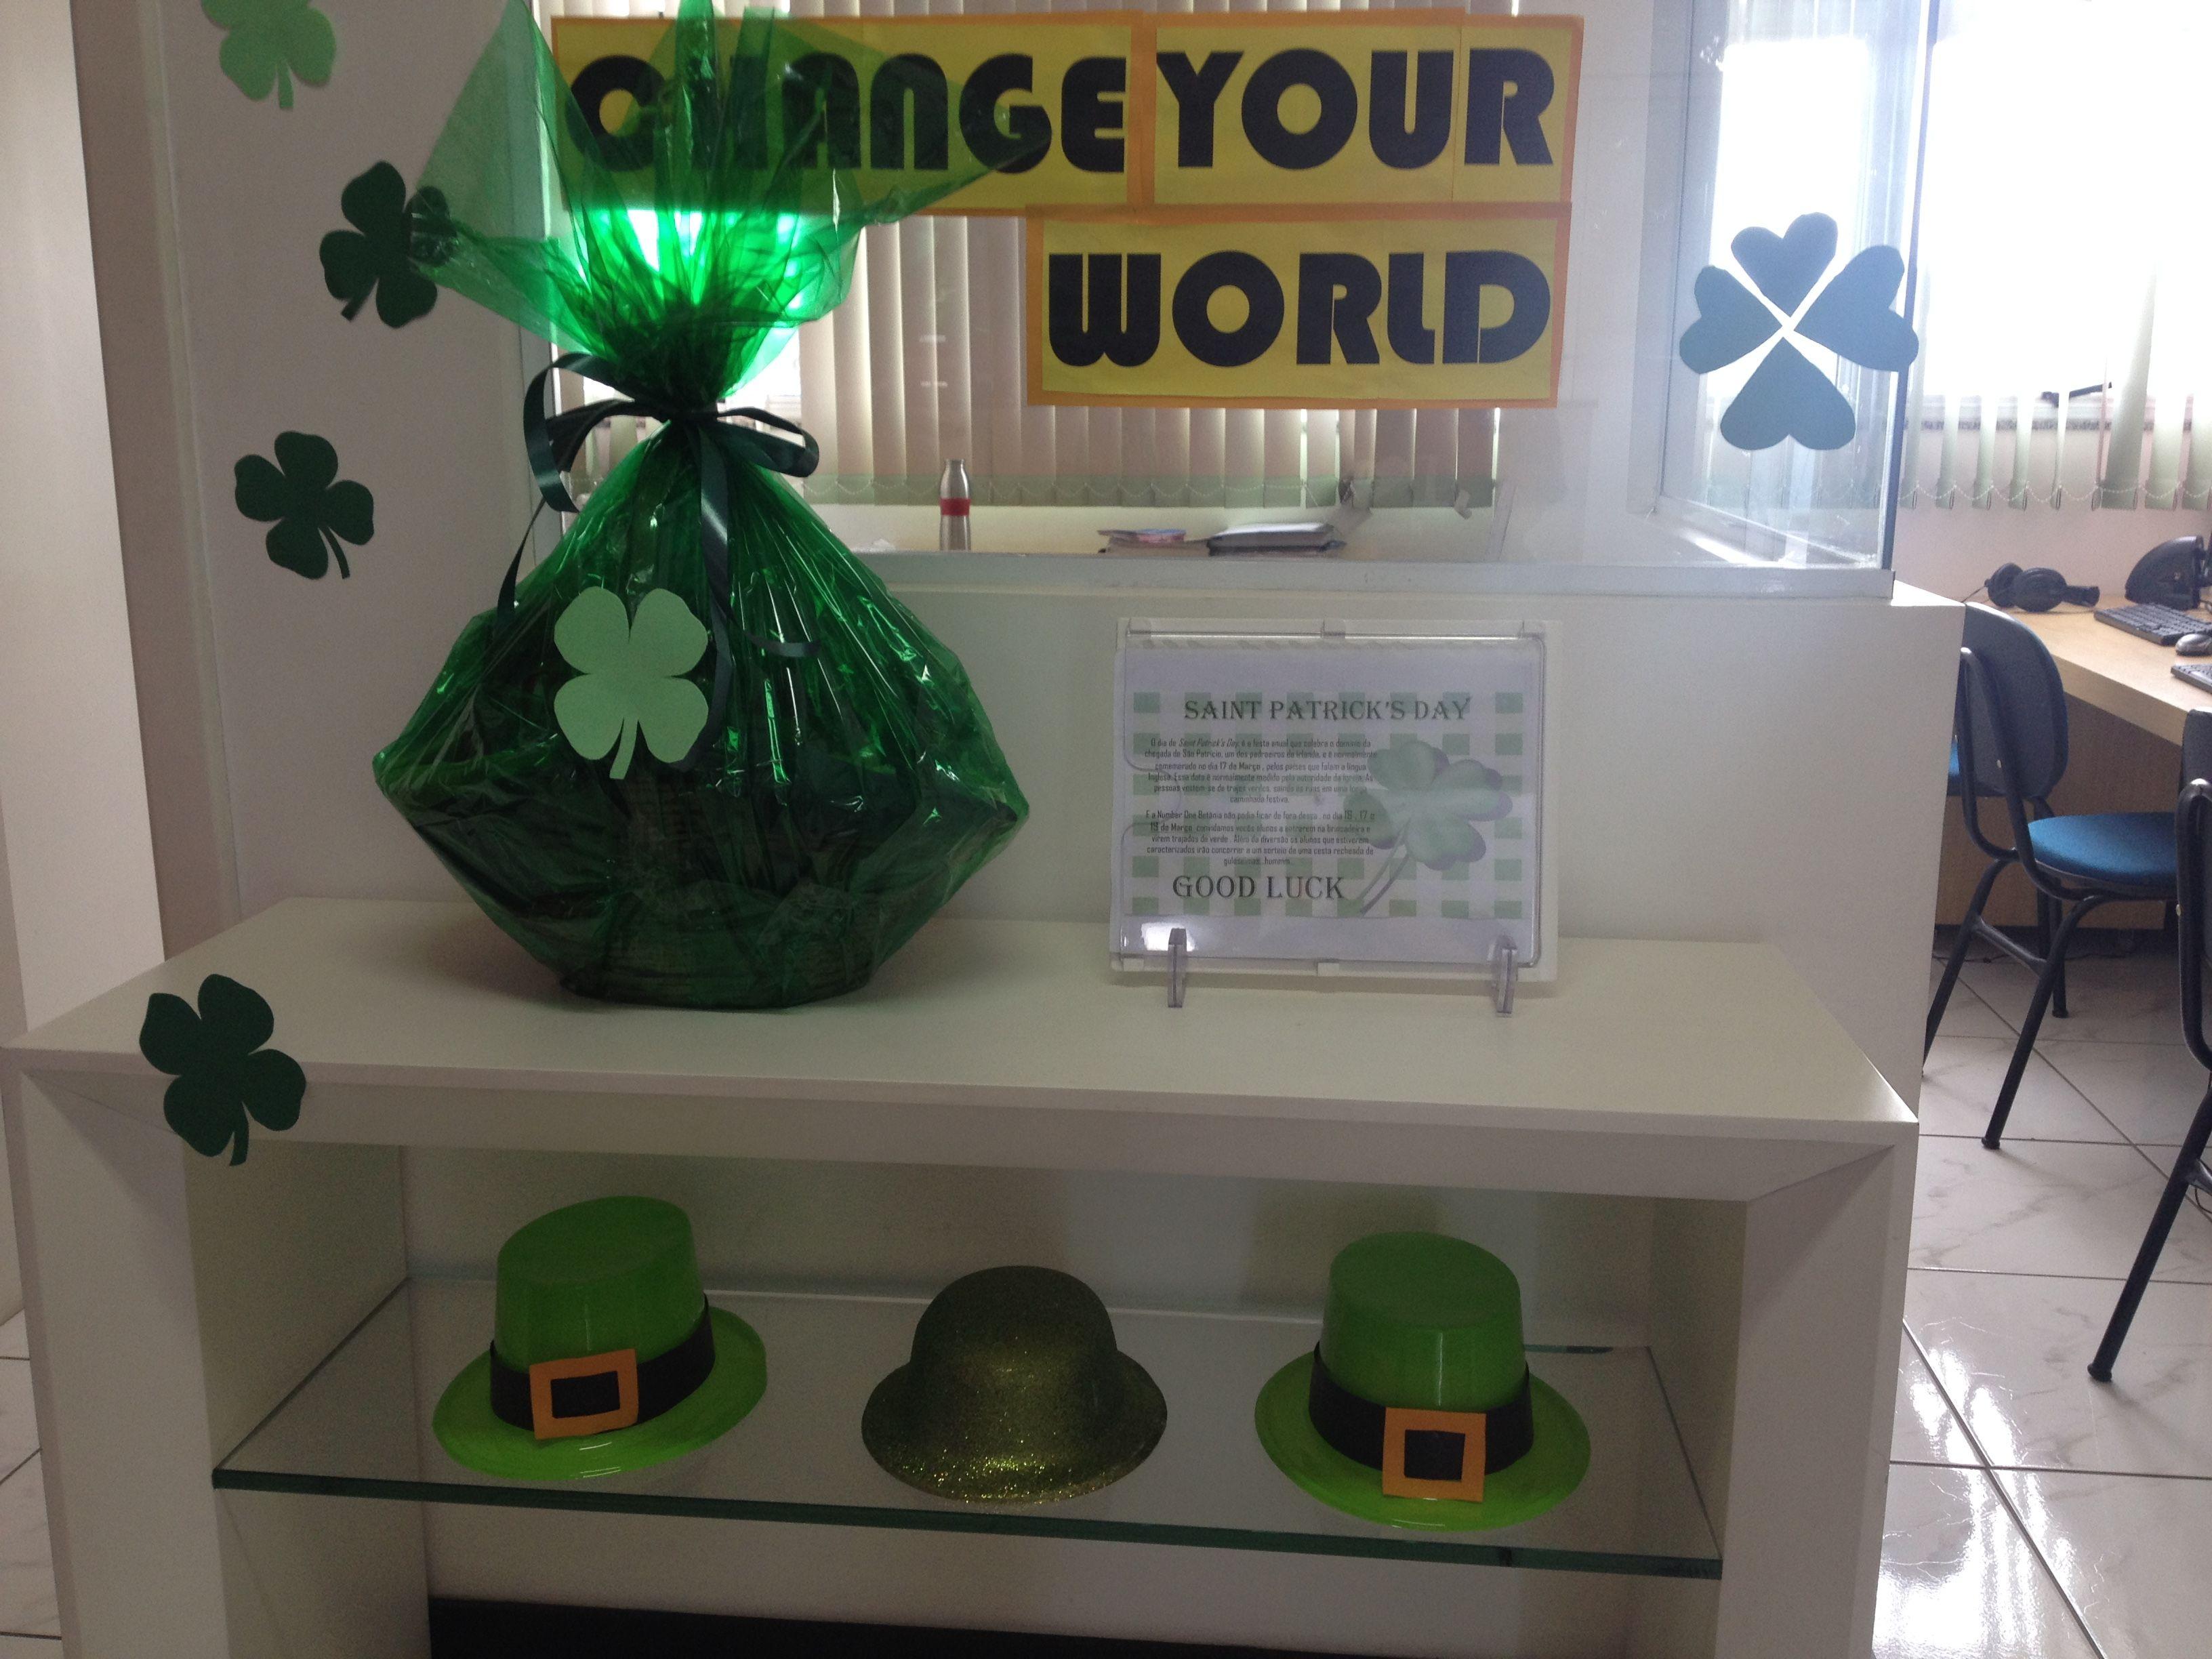 vamos realizar um sorteio para os alunos que vierem caracterizados (vestidos de verde) no dia 17 de março!